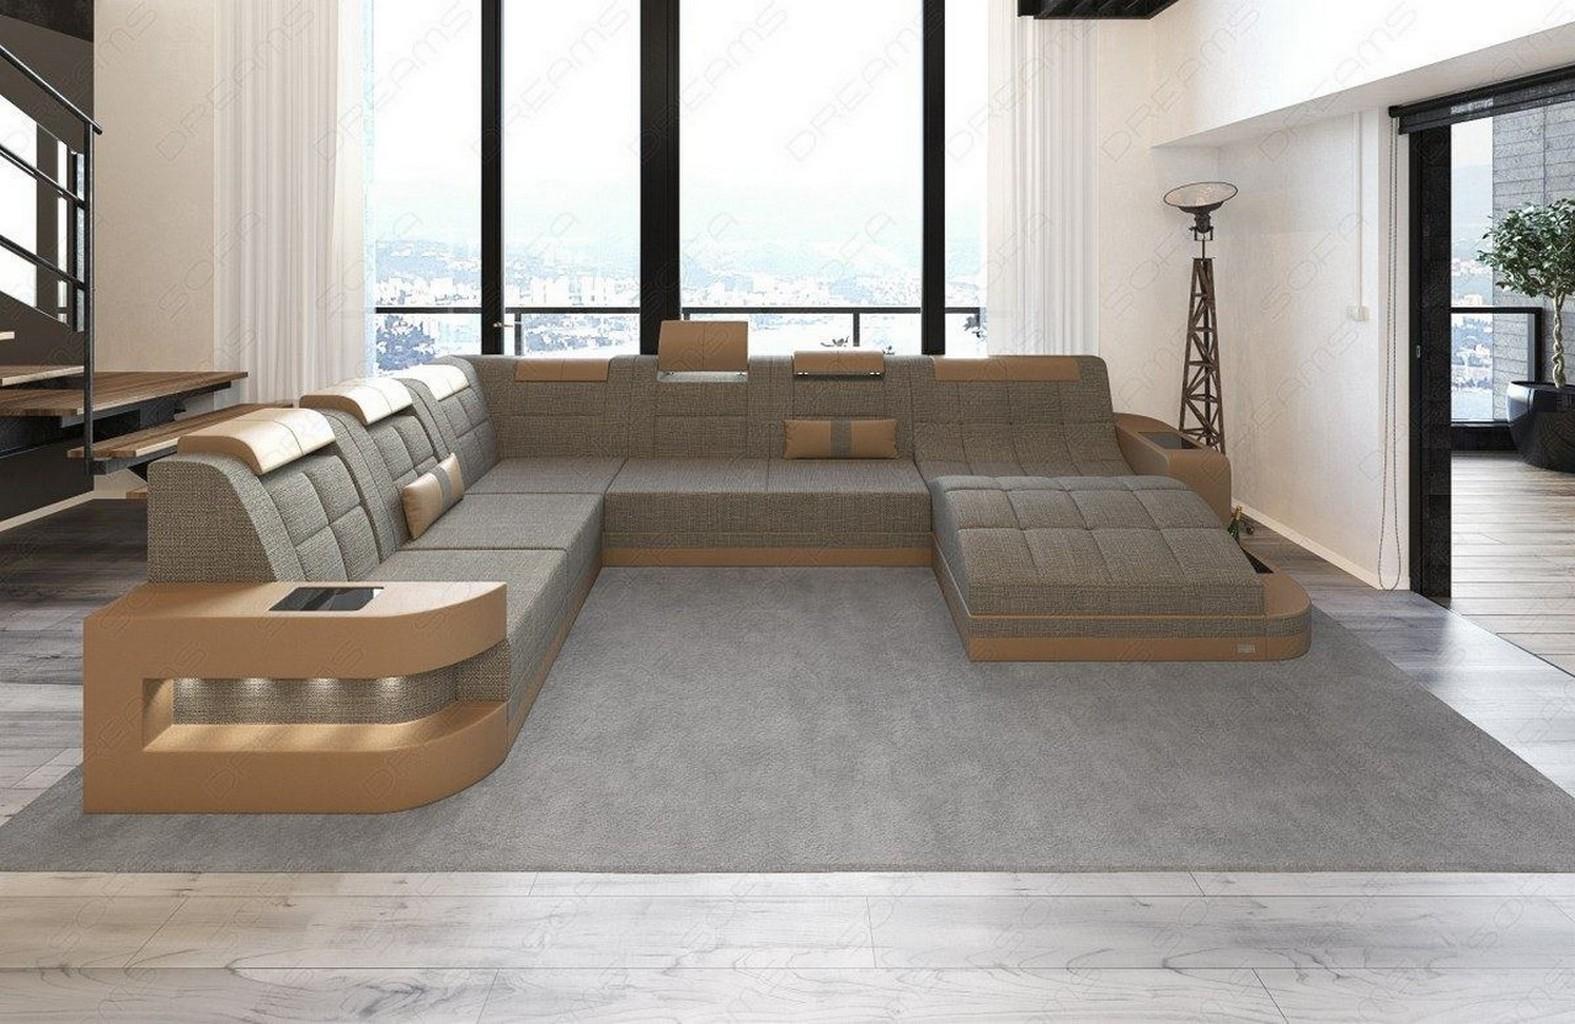 Designersofa wohnlandschaft couchgarnitur wave xl grau mit for Wohnlandschaft beige stoff